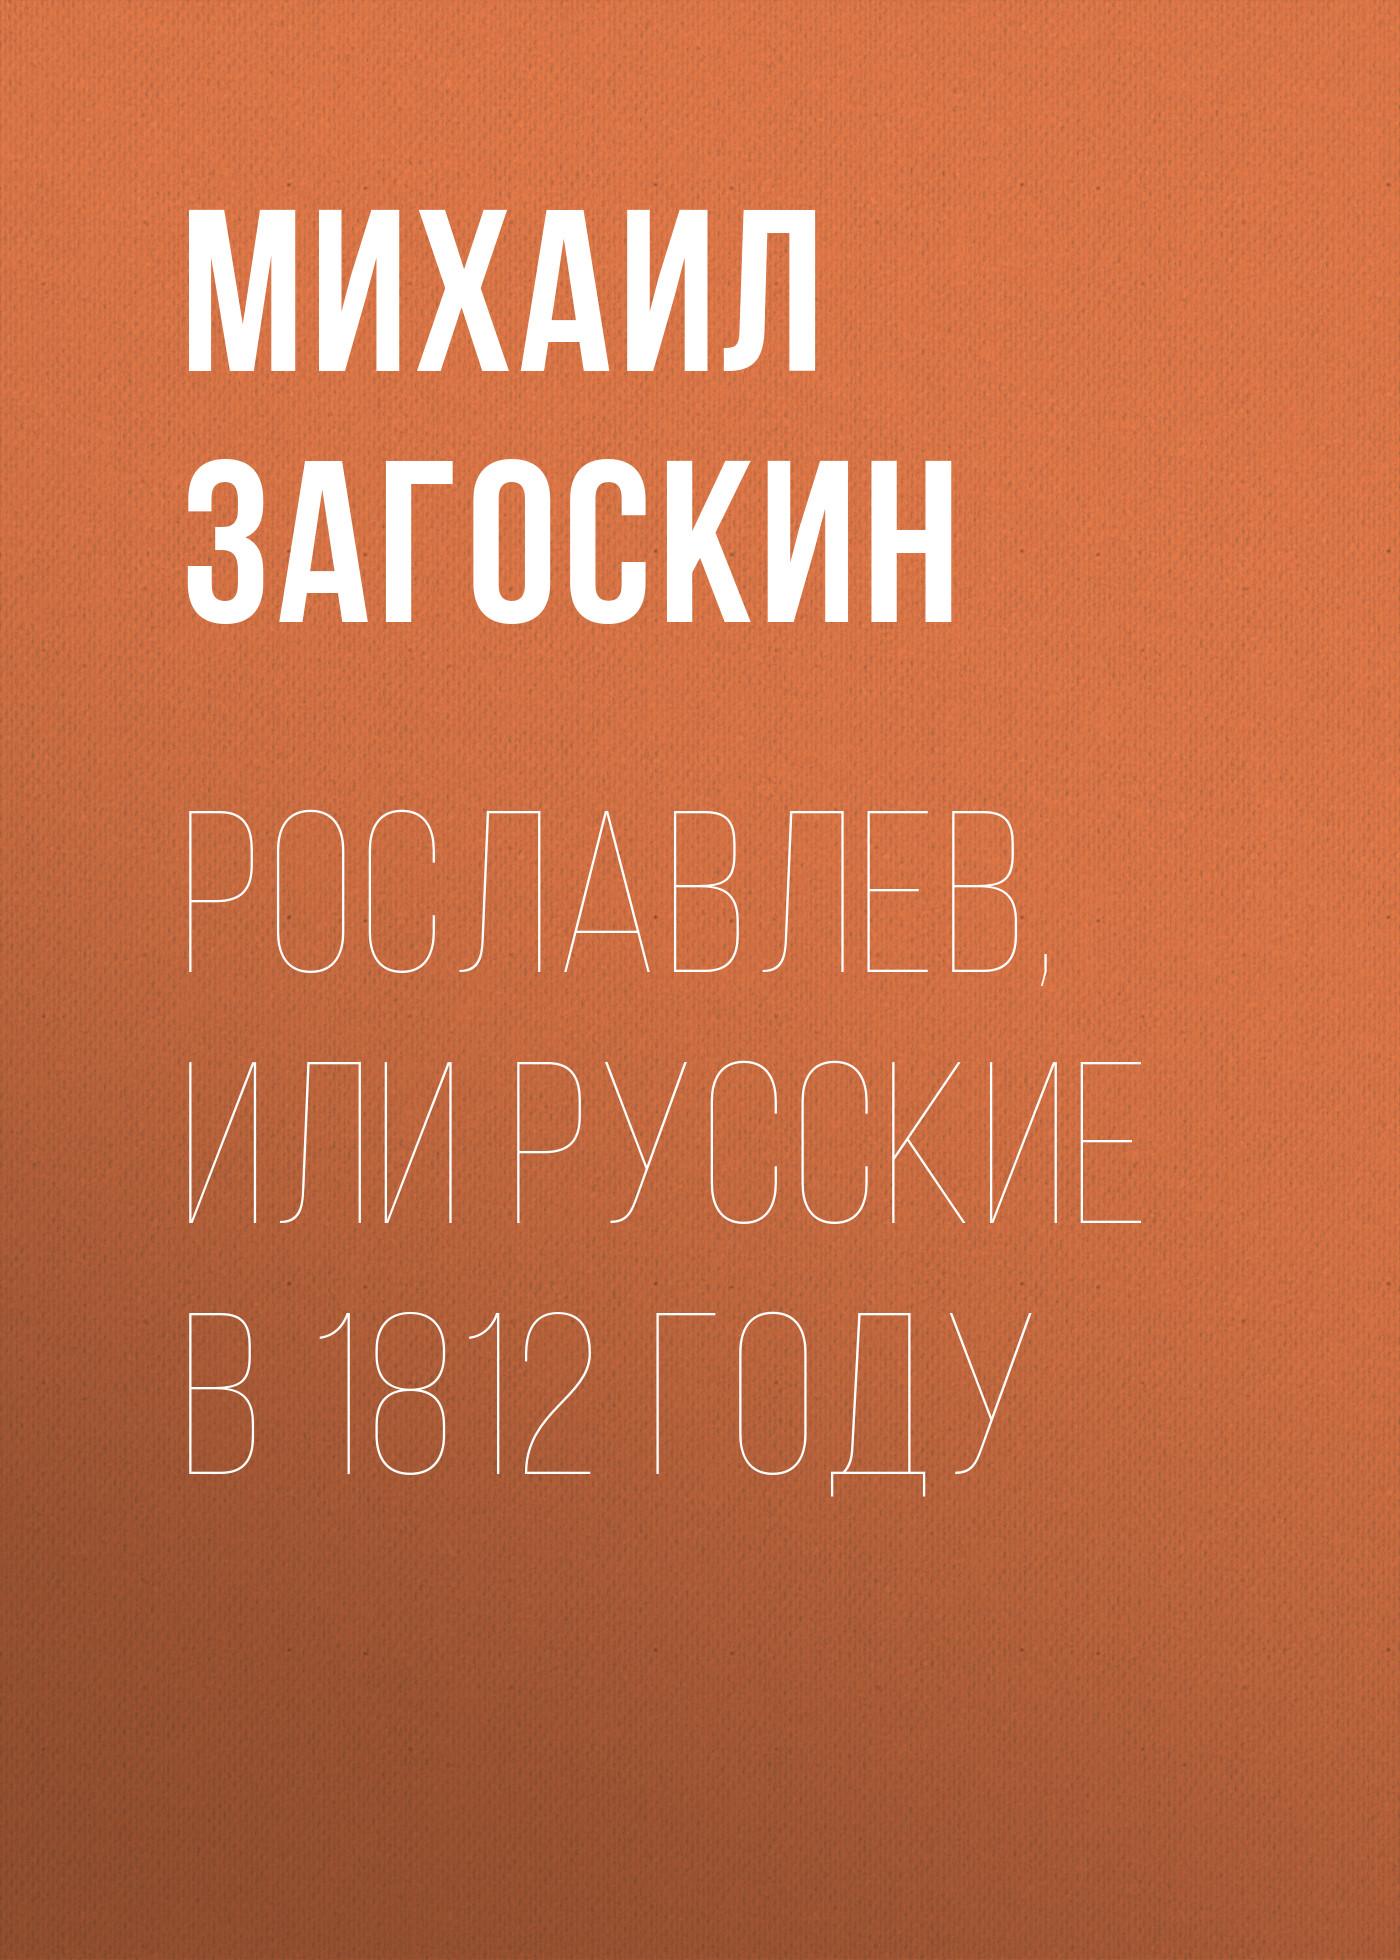 Михаил Загоскин Рославлев, или Русские в 1812 году